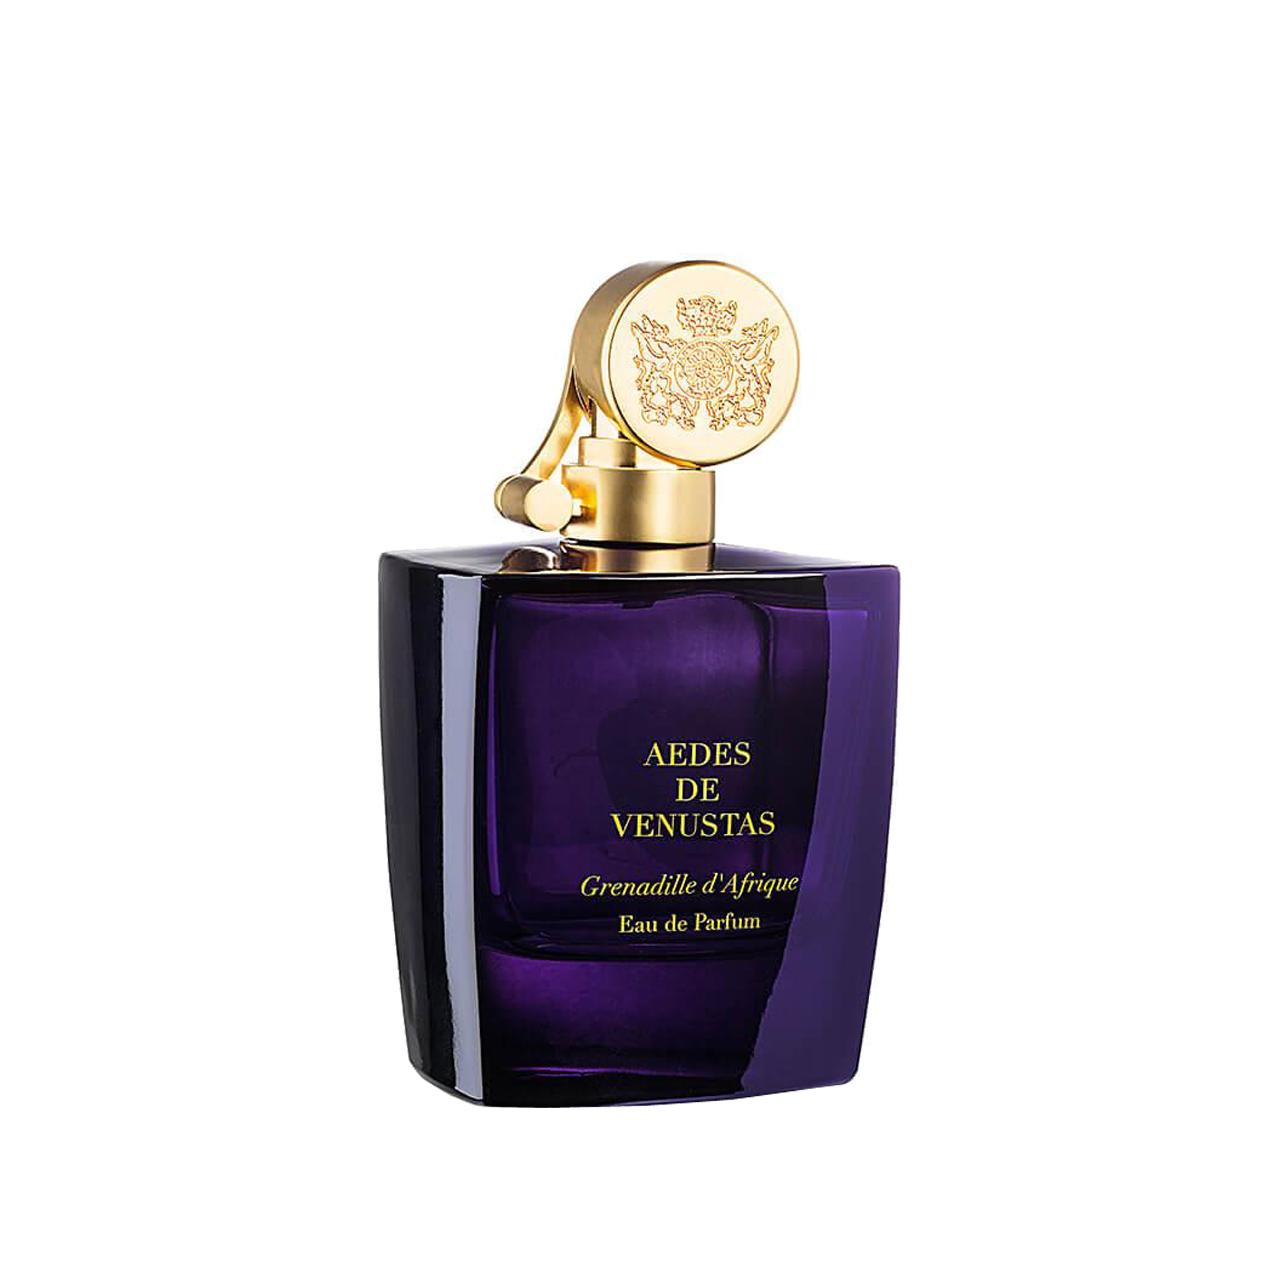 Grenadille d'Afrique - Eau de Parfum